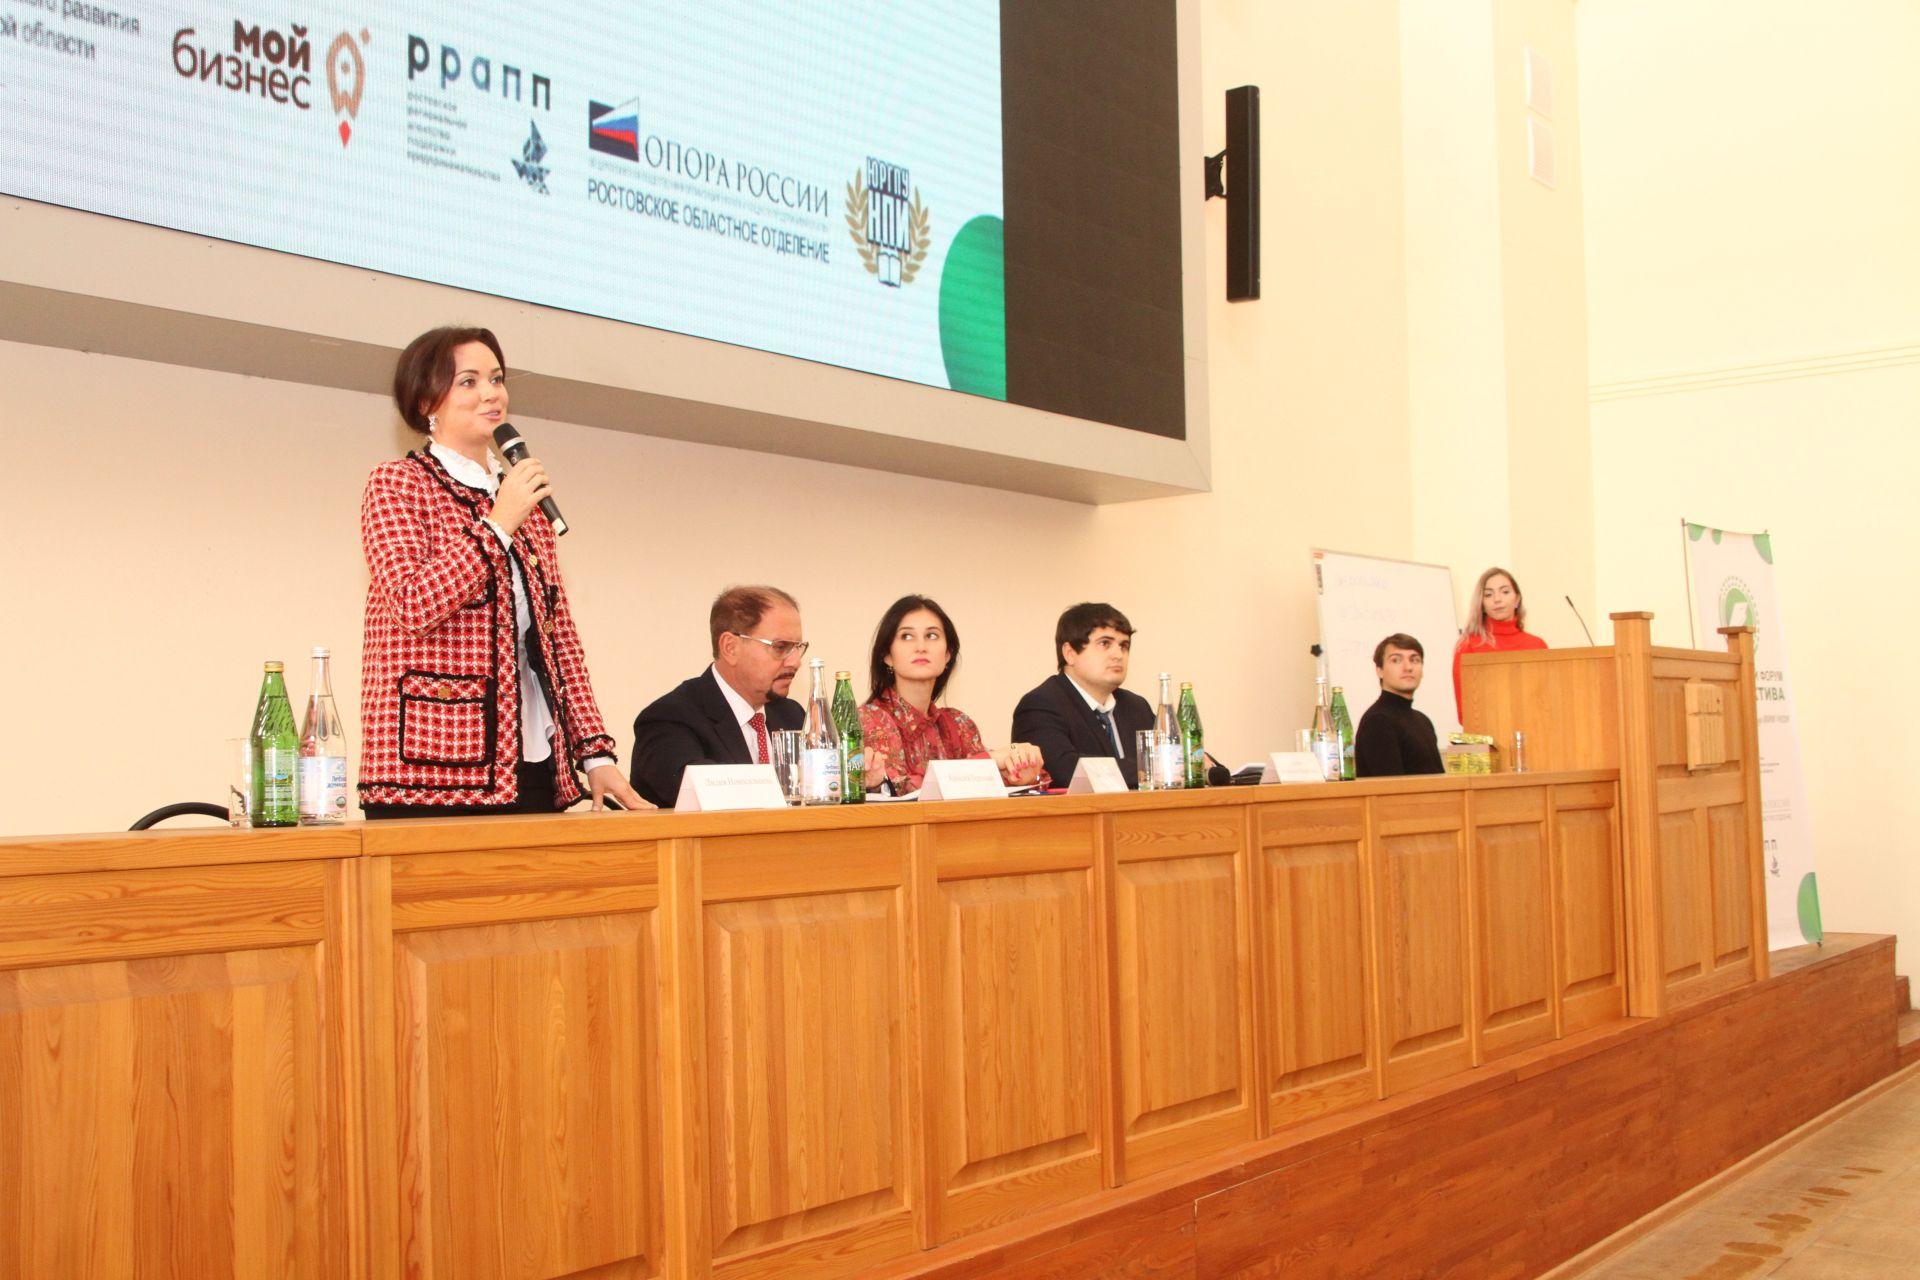 Представитель донского СоюзМаша - на молодёжном бизнес-форуме